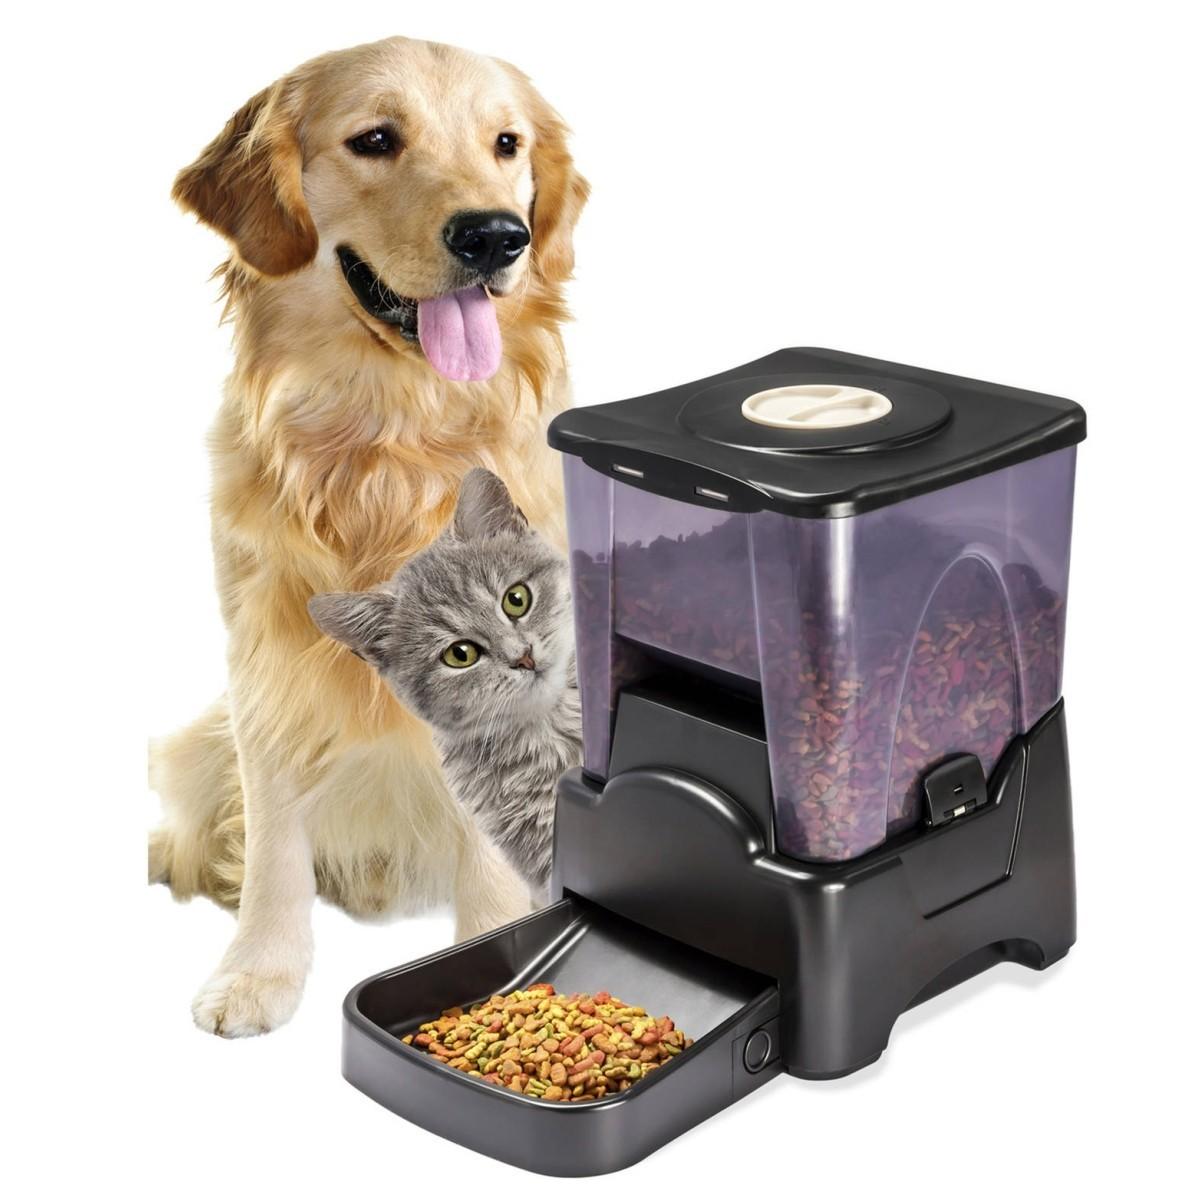 Dispensador autom tico y programable de alimentos para mascotas - Alimentos recomendados para perros ...